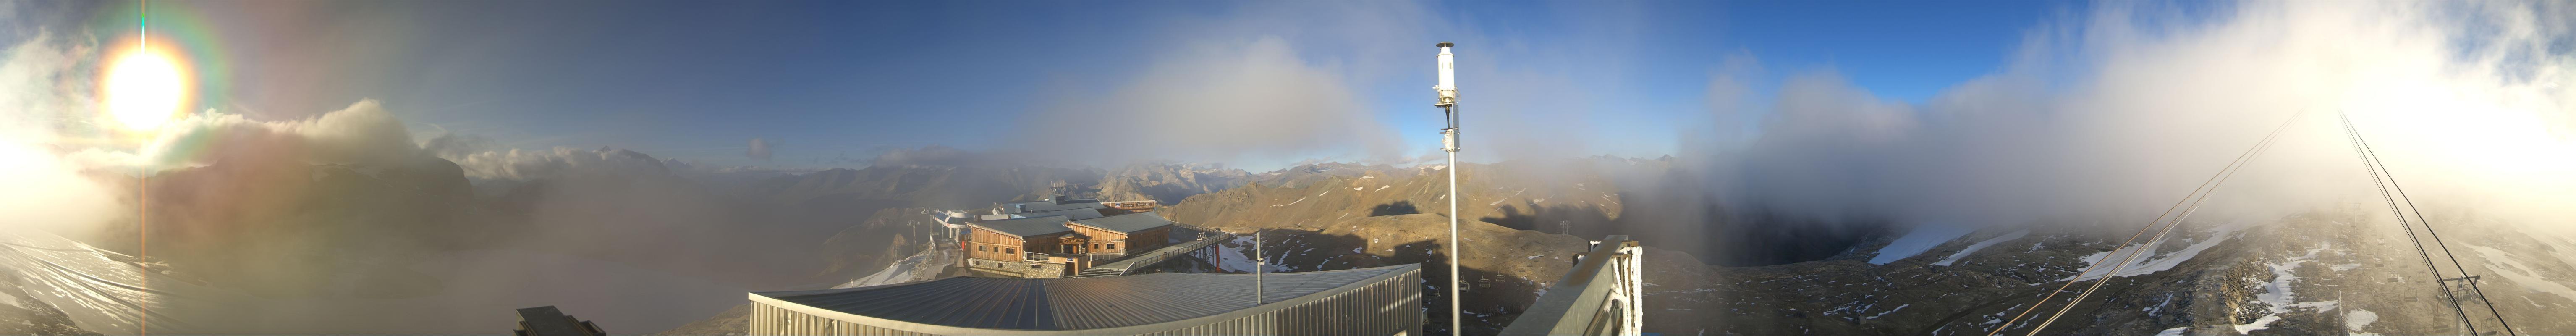 Webcam Tignes Grande Motte Glacier 3022 M Savoy Livecam Live Stream